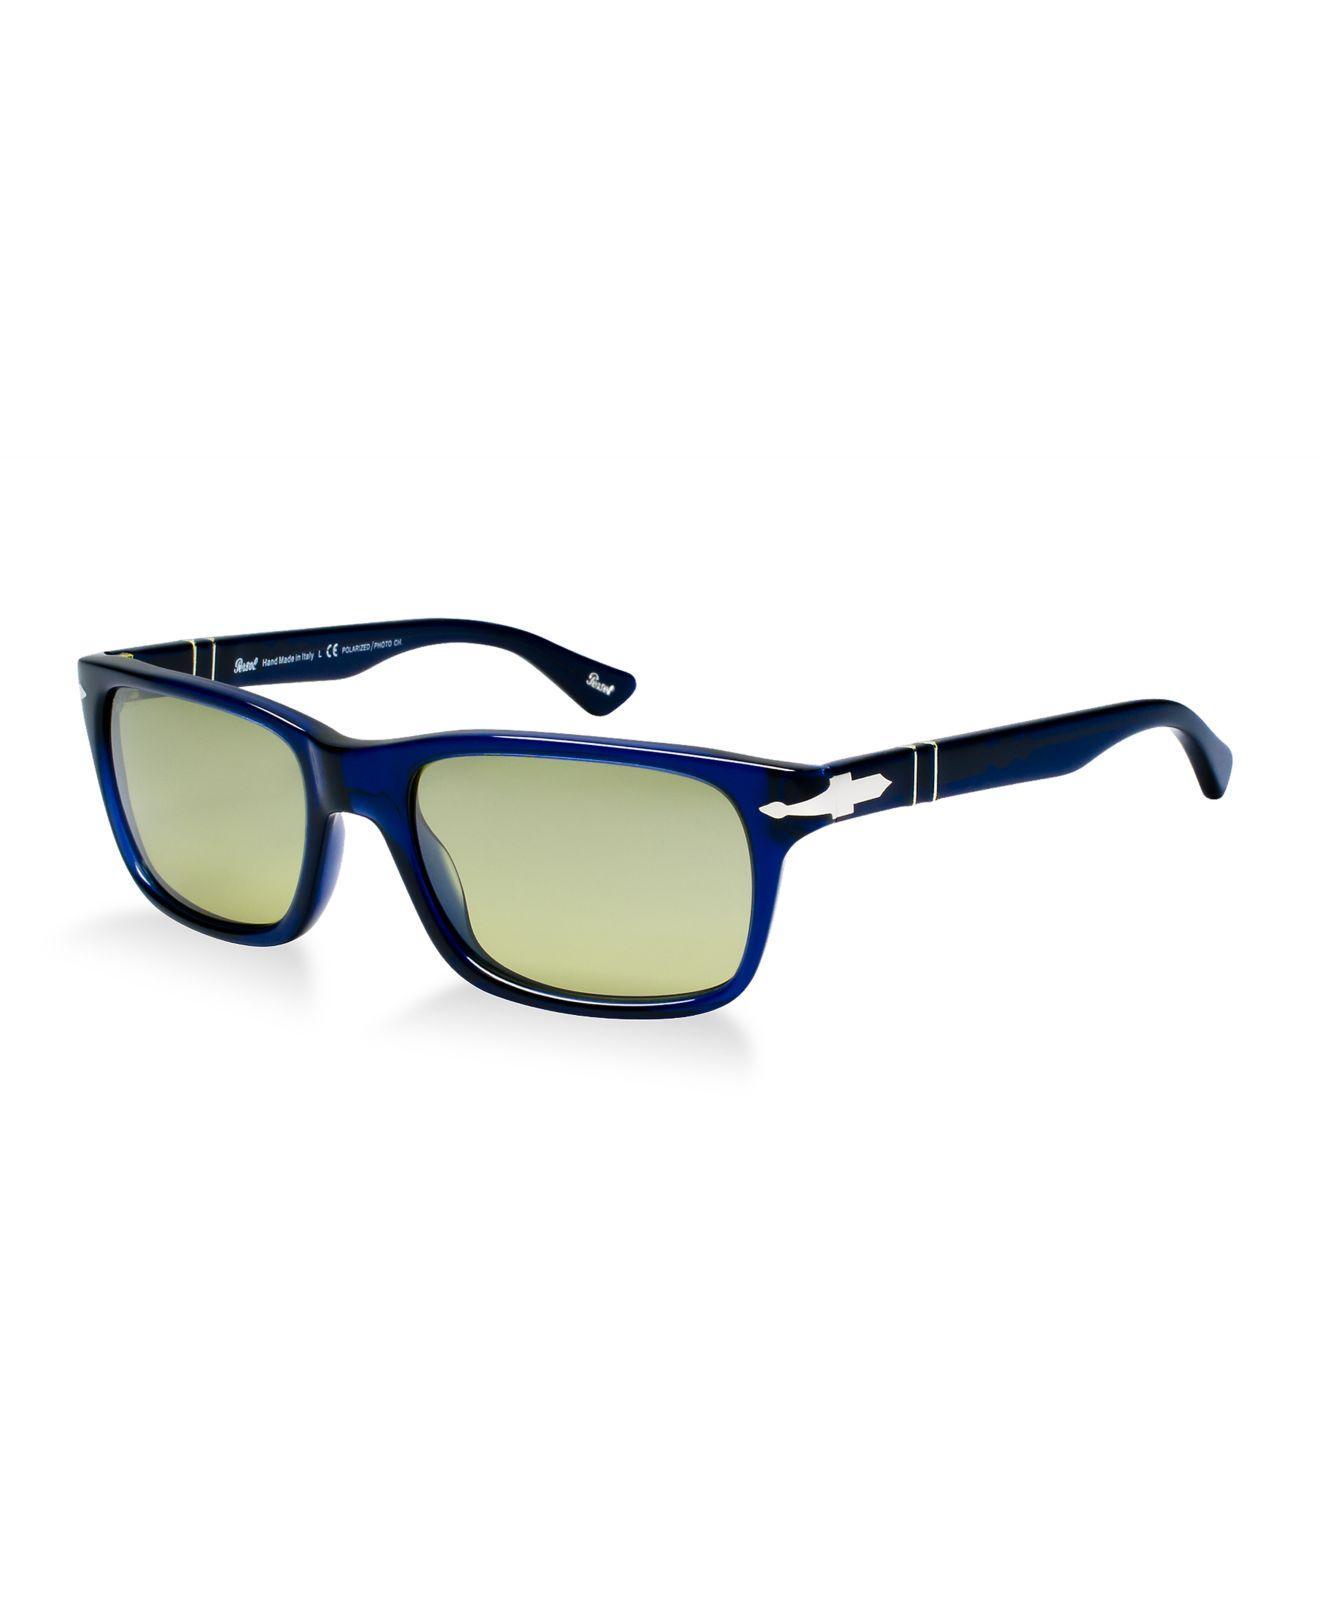 550a3adeb403 Persol. Men s Green Polarized Sunglasses ...